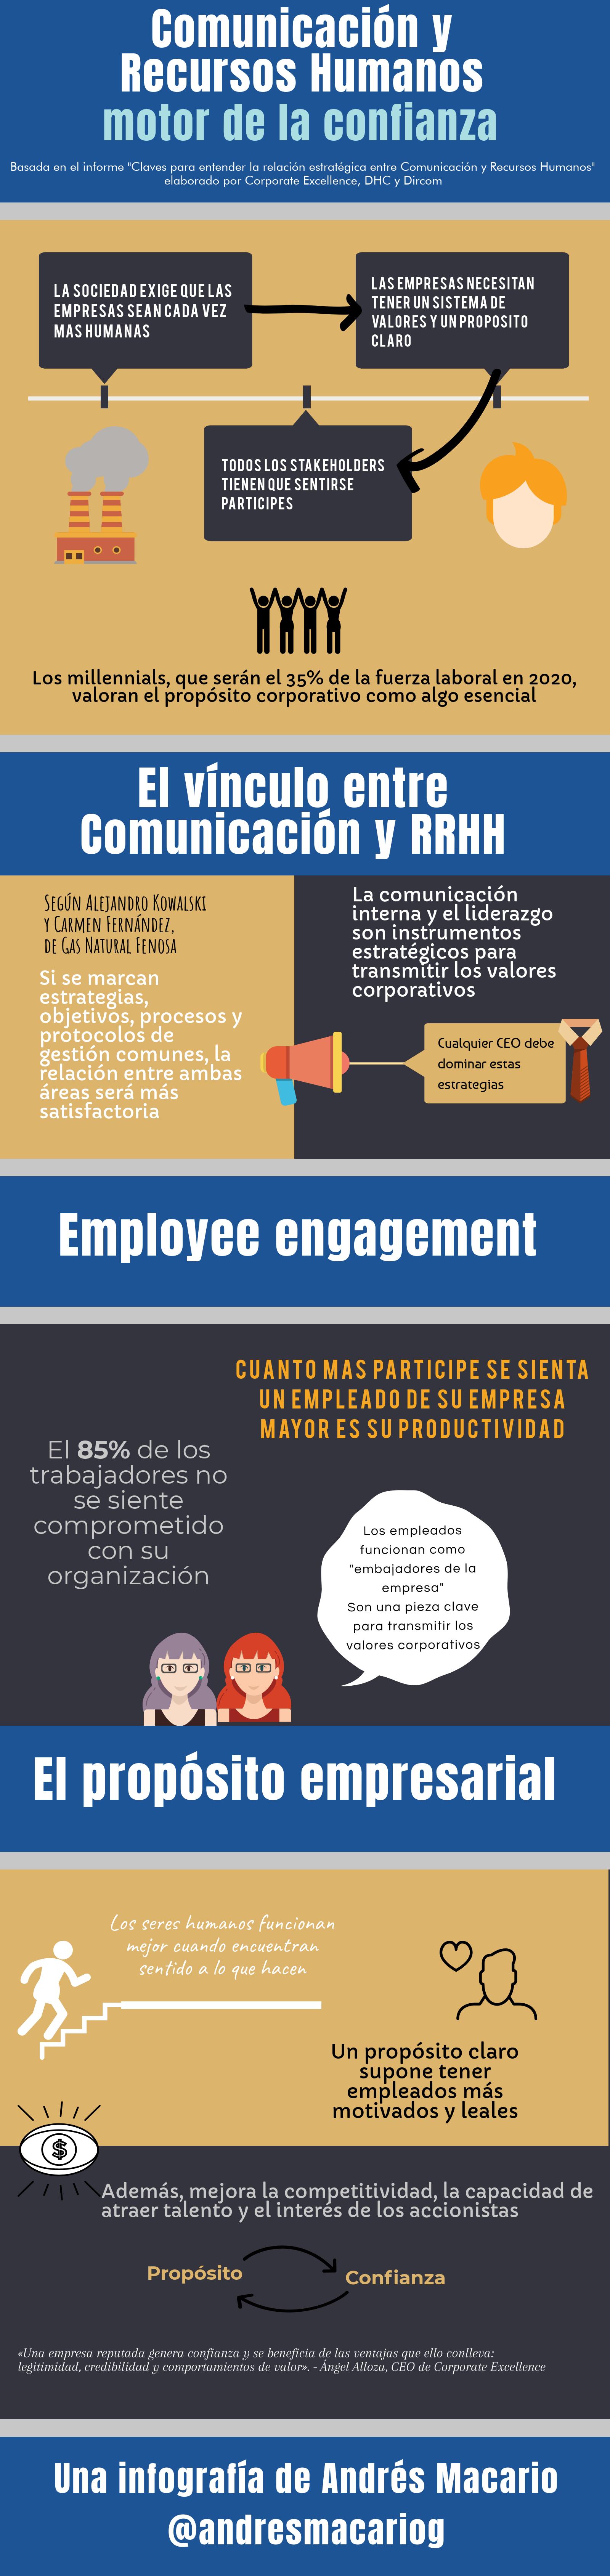 Comunicación y RRHH motor de la confianza - Infografía Andrés Macario